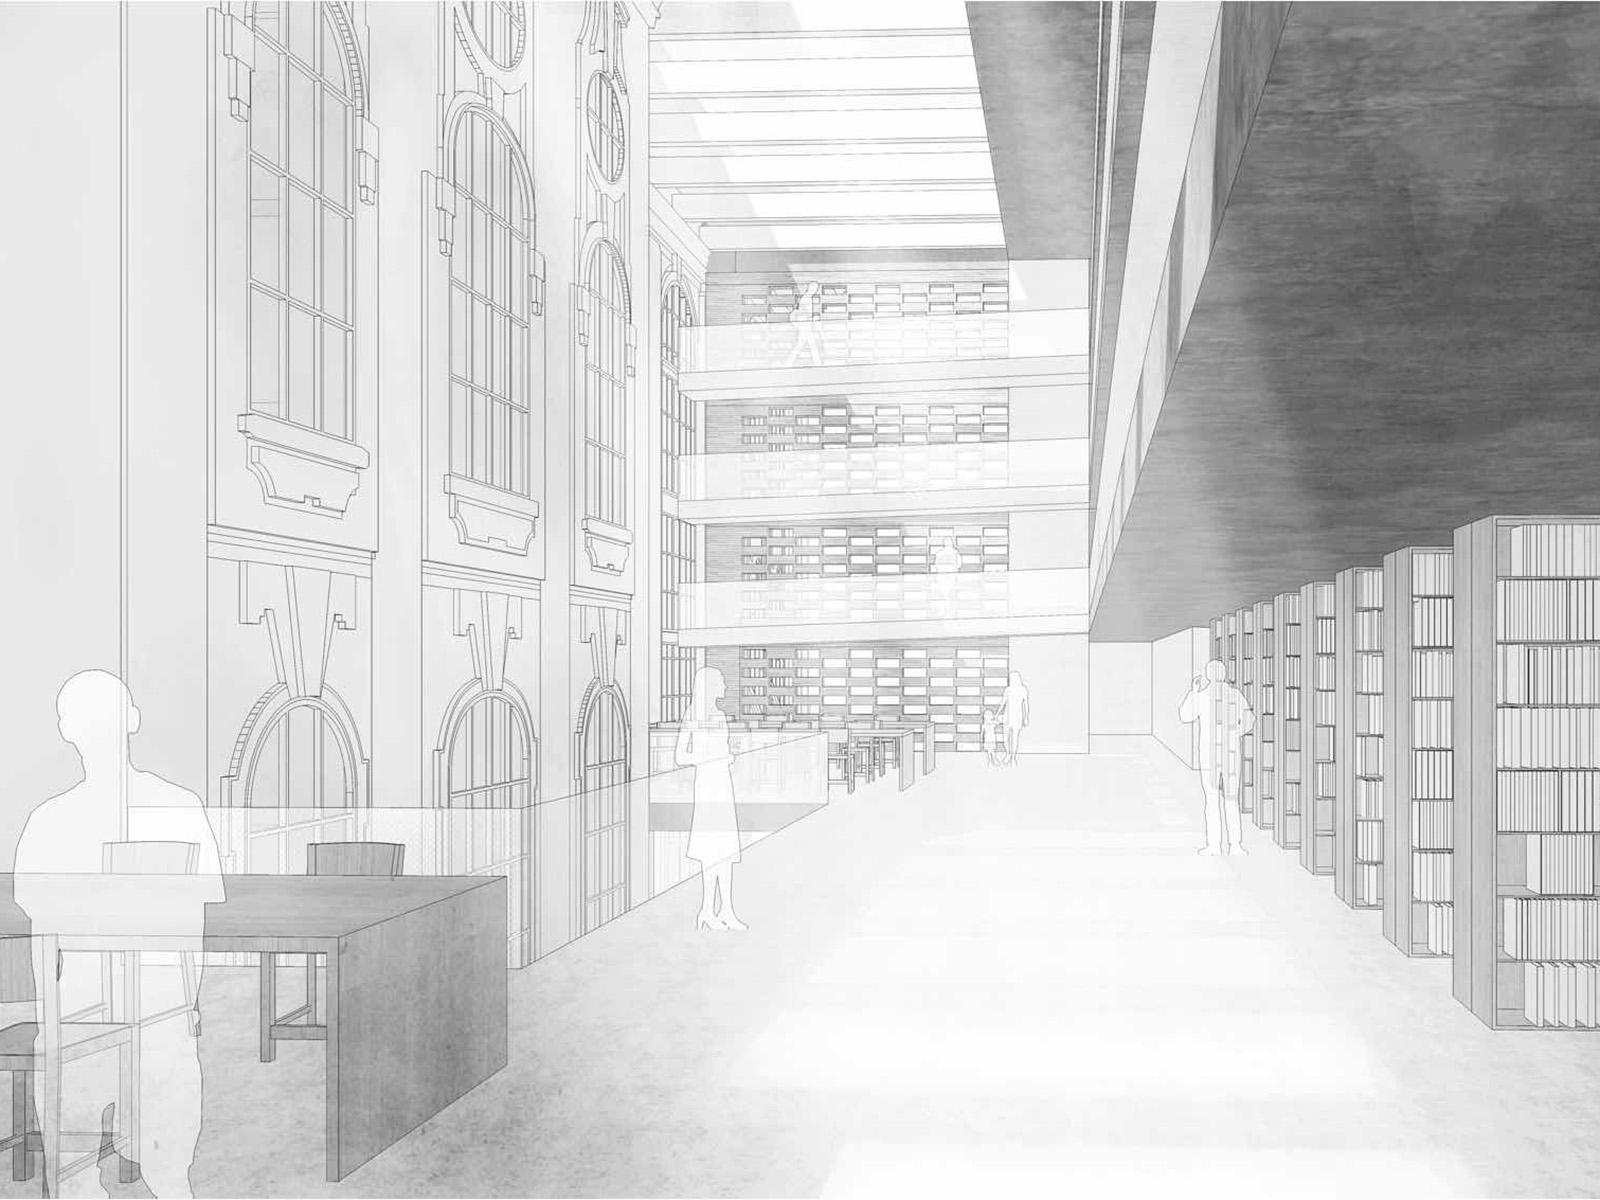 perspektive2-staats-und-stadtbilblothek-augsburg-wettbewerb-2016-2-preis-friedrich-poerschke-zwink-architekten-stadtplaner-mit-kleinsa-cc-88nger-architekten